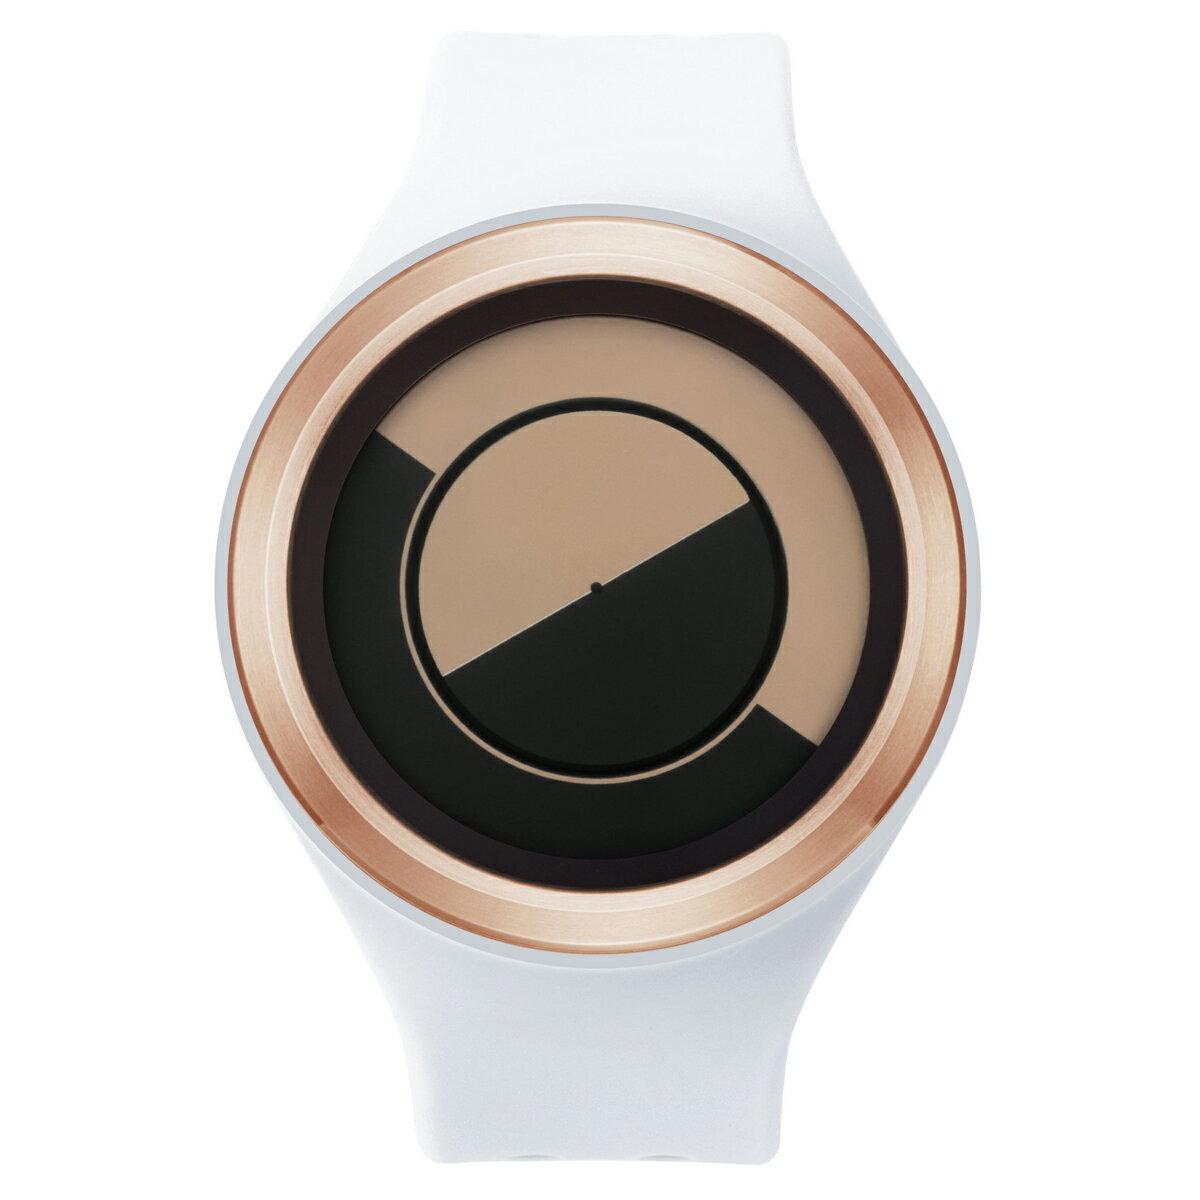 ZEROO QUARTER MOON ゼロ 電池式クォーツ 腕時計 [W01003B05SR01] ホワイト デザインウォッチ ペア用 メンズ レディース ユニセックス おしゃれ時計 デザイナーズ